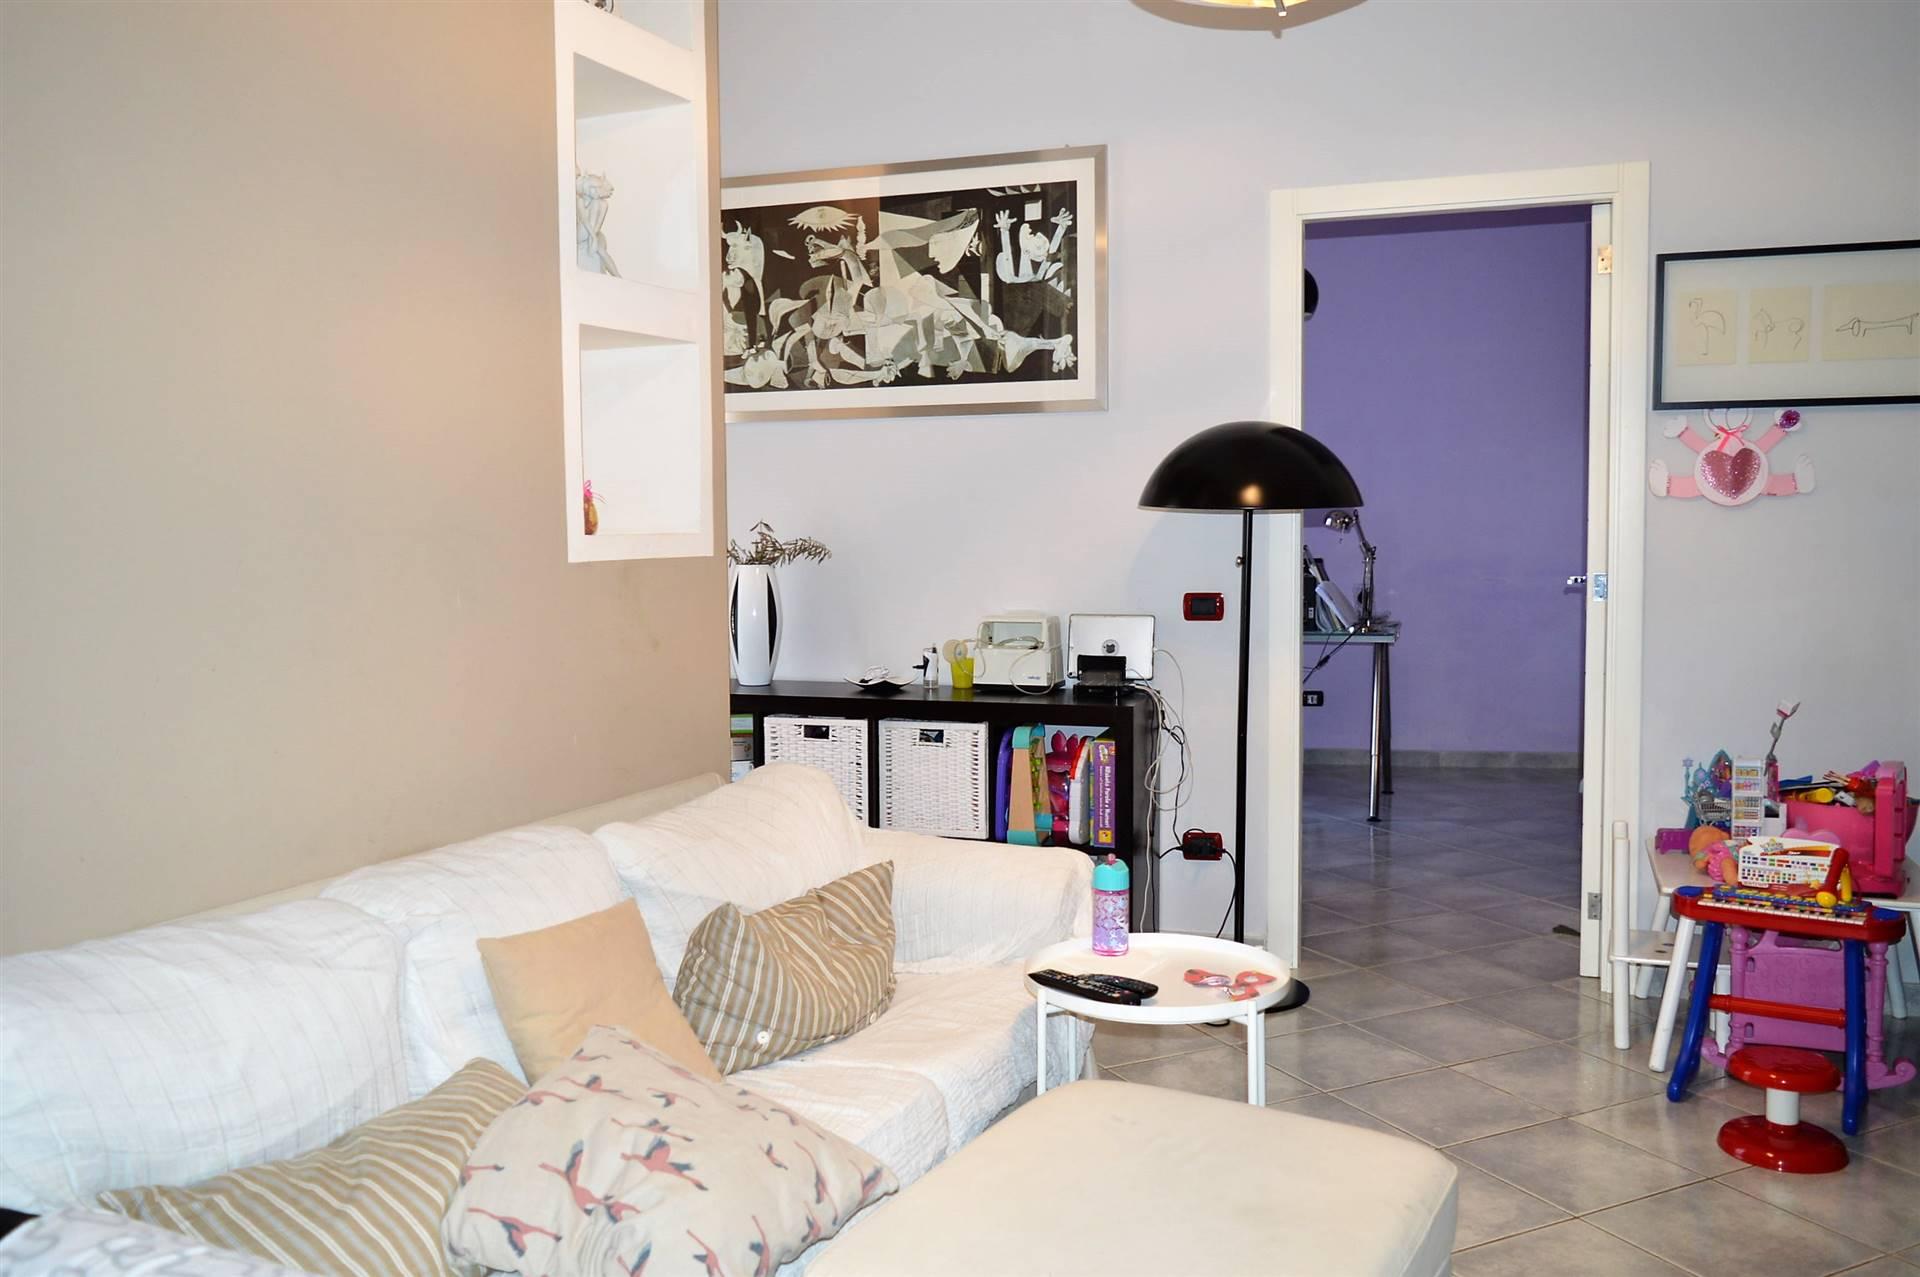 AF871-Appartamento-SANTA-MARIA-CAPUA-VETERE-Corso-Aldo-Moro